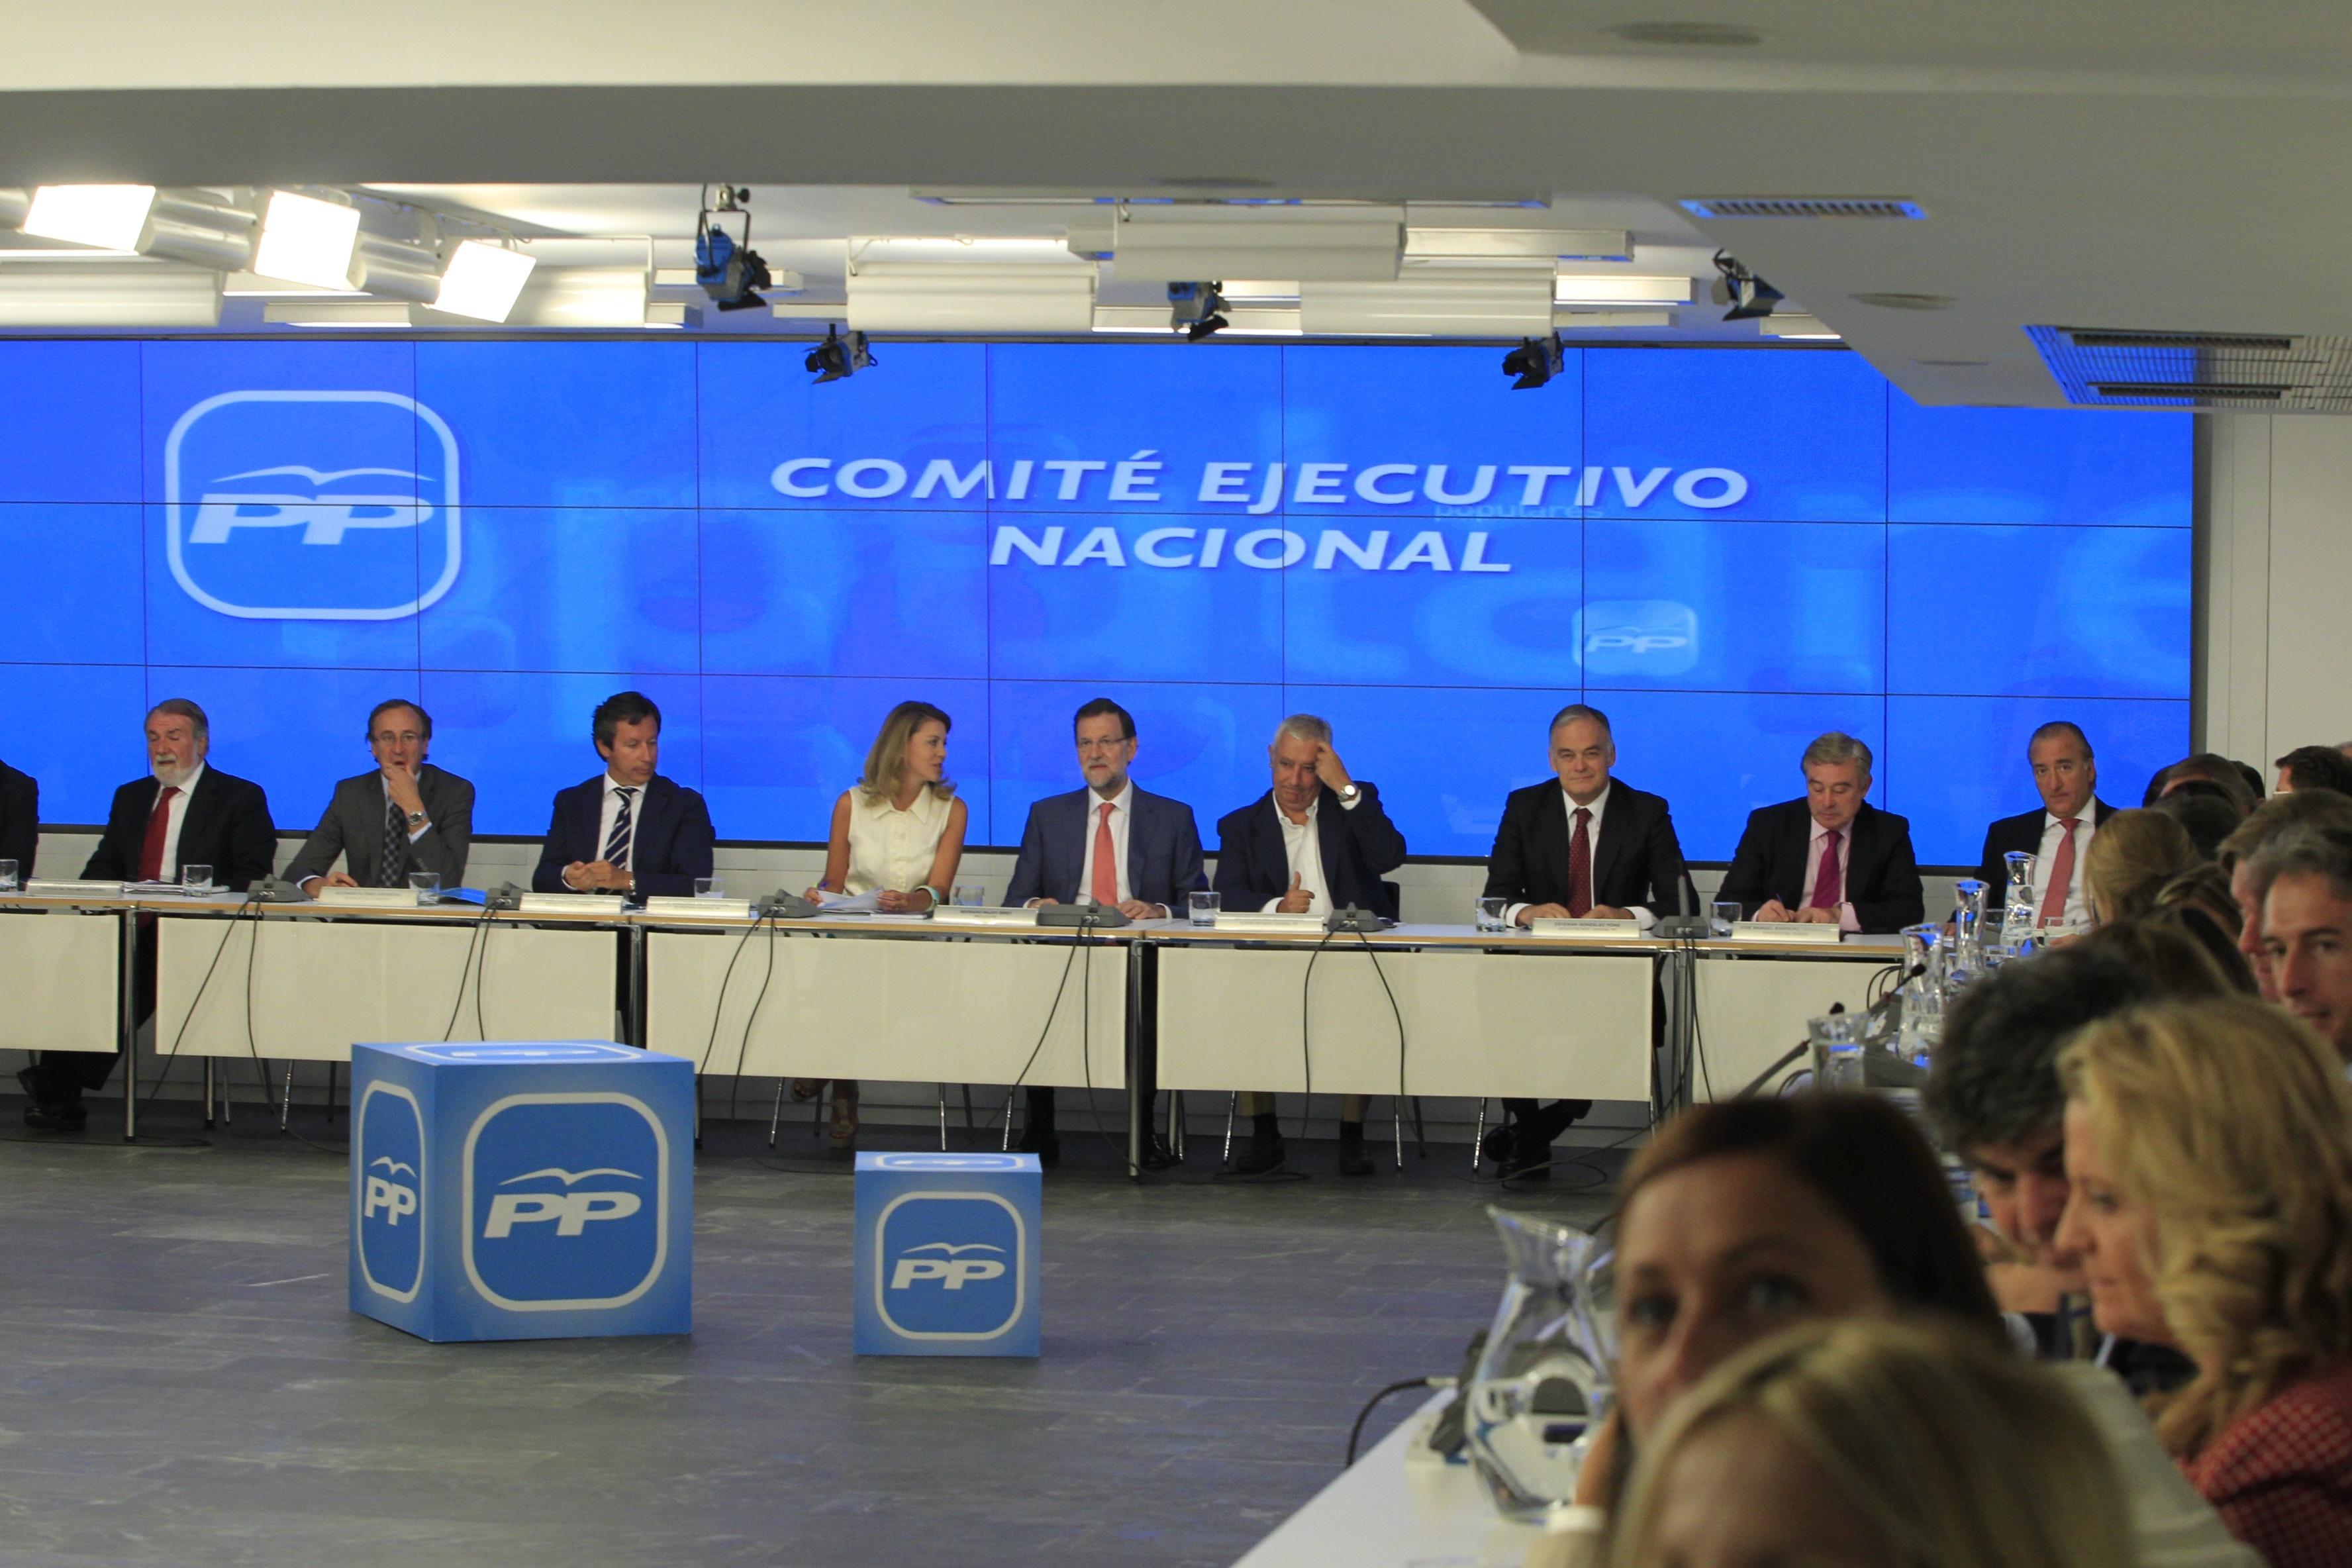 El PP elige Córdoba para su reunión Interparlamentaria de noviembre, que contará con la presencia de Rajoy